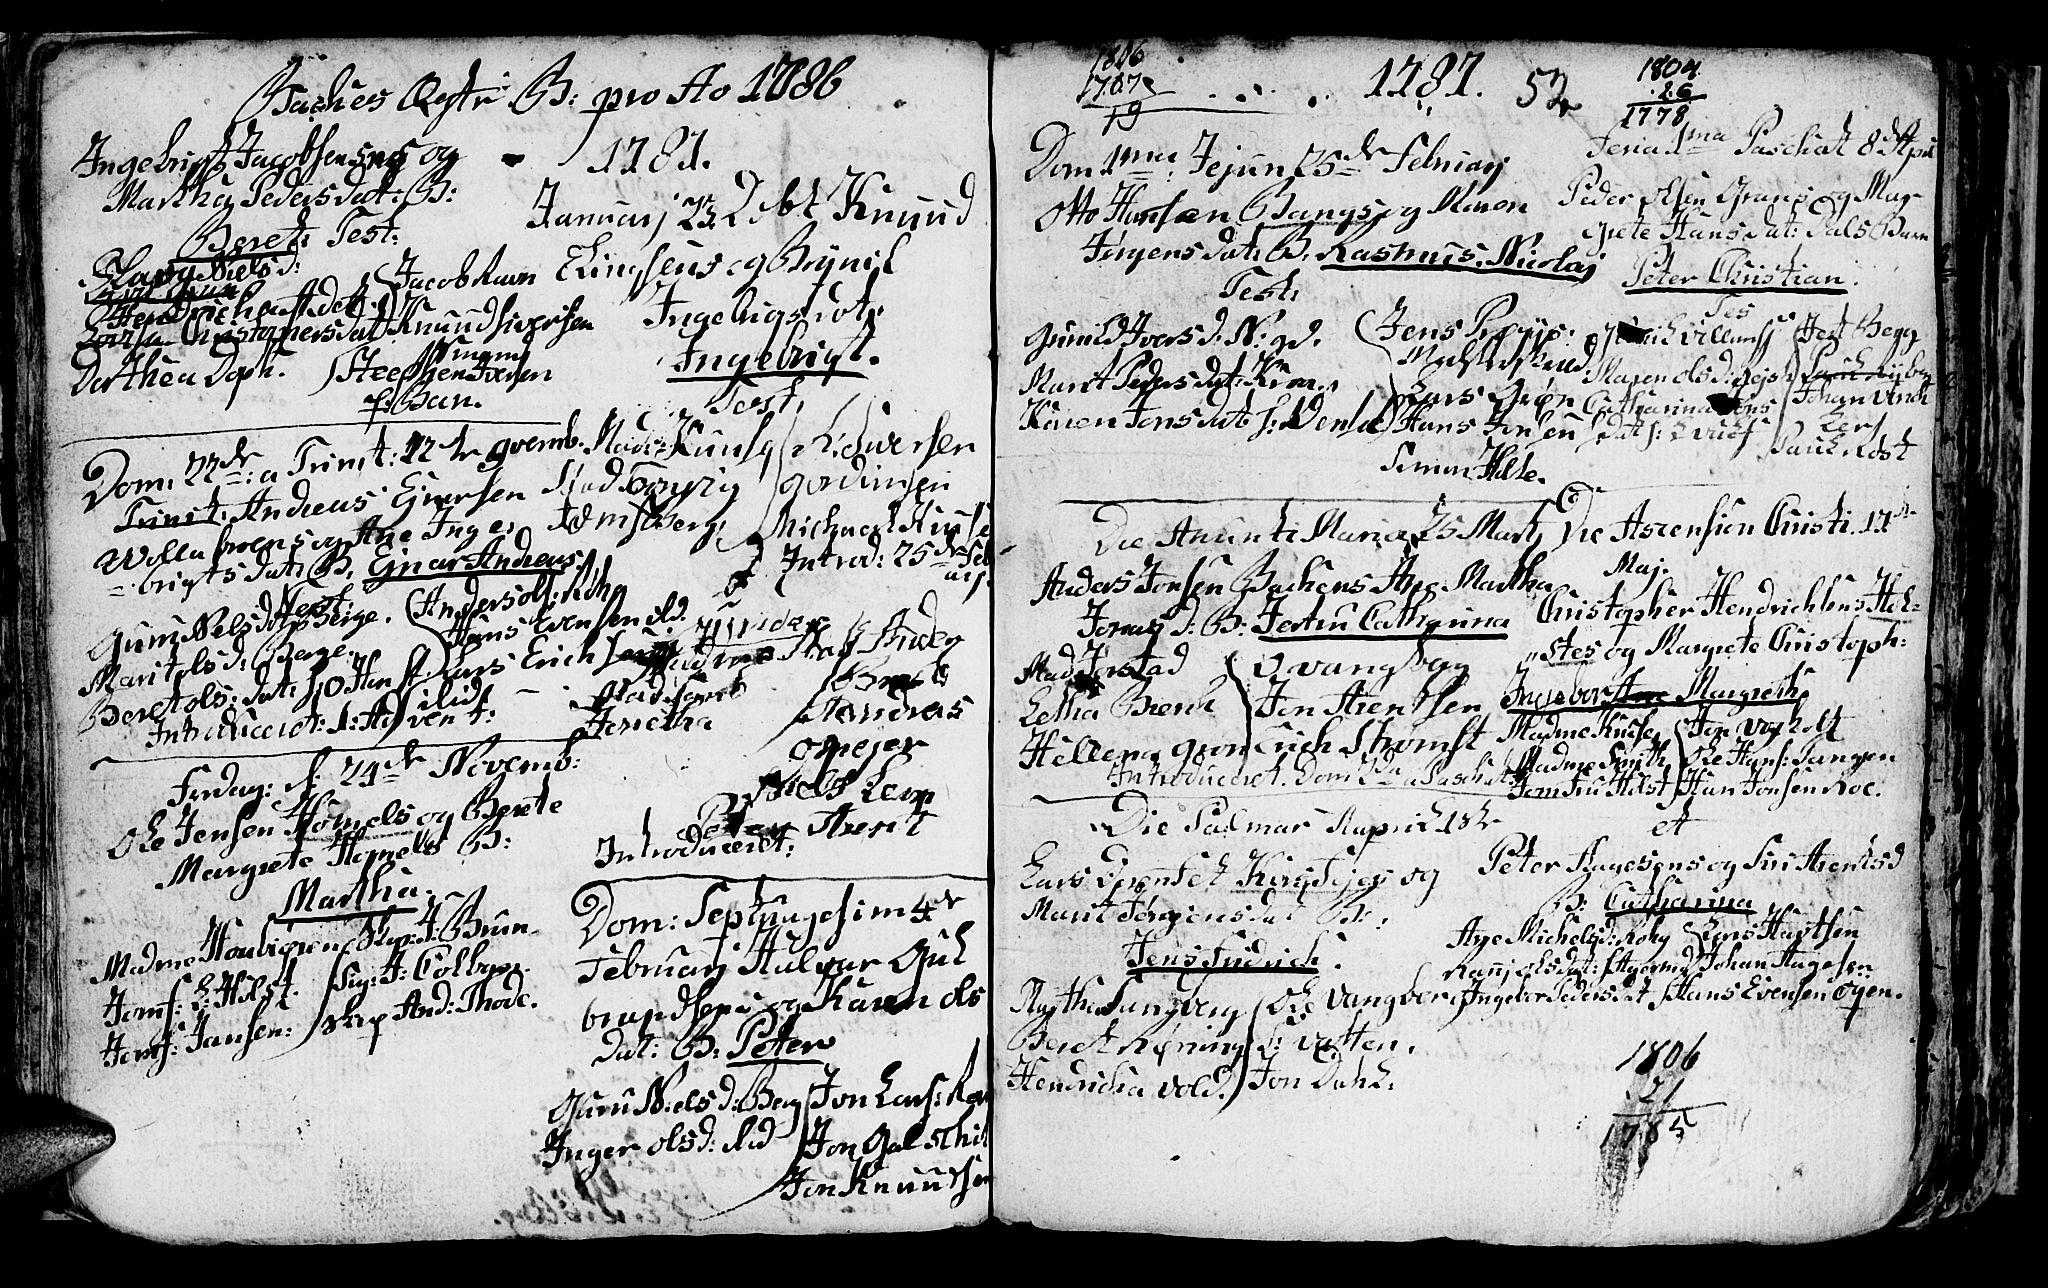 SAT, Ministerialprotokoller, klokkerbøker og fødselsregistre - Sør-Trøndelag, 604/L0218: Klokkerbok nr. 604C01, 1754-1819, s. 52